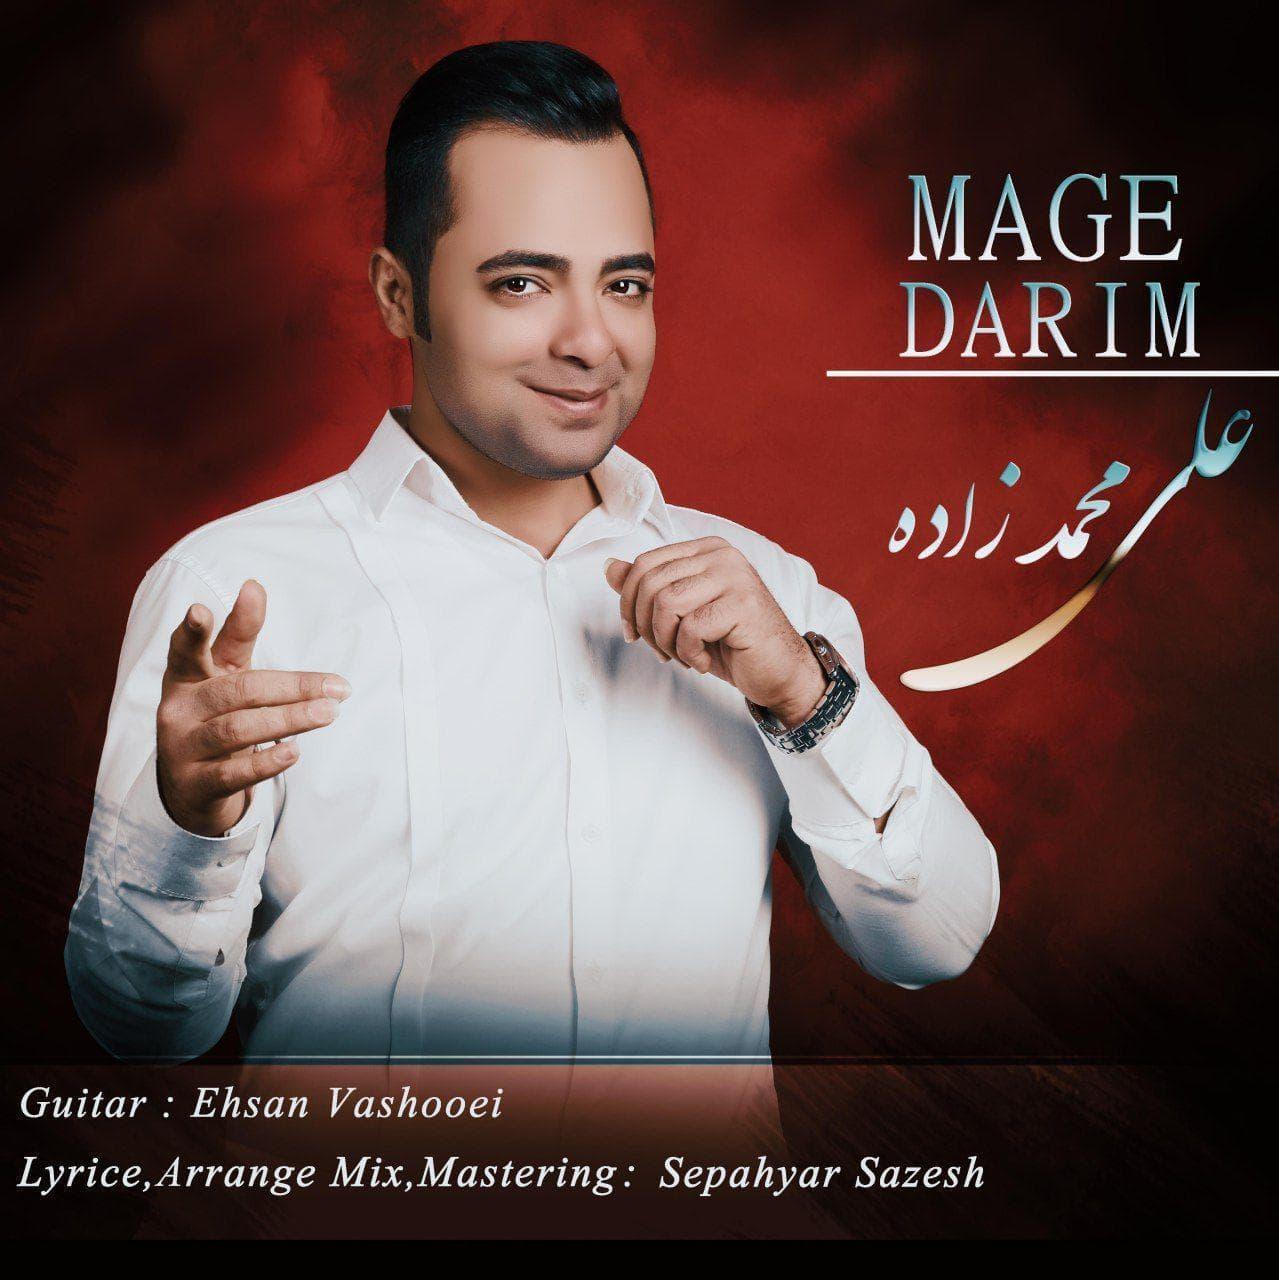 دانلود آهنگ جدید علی محمدزاده به نام مگه داریم